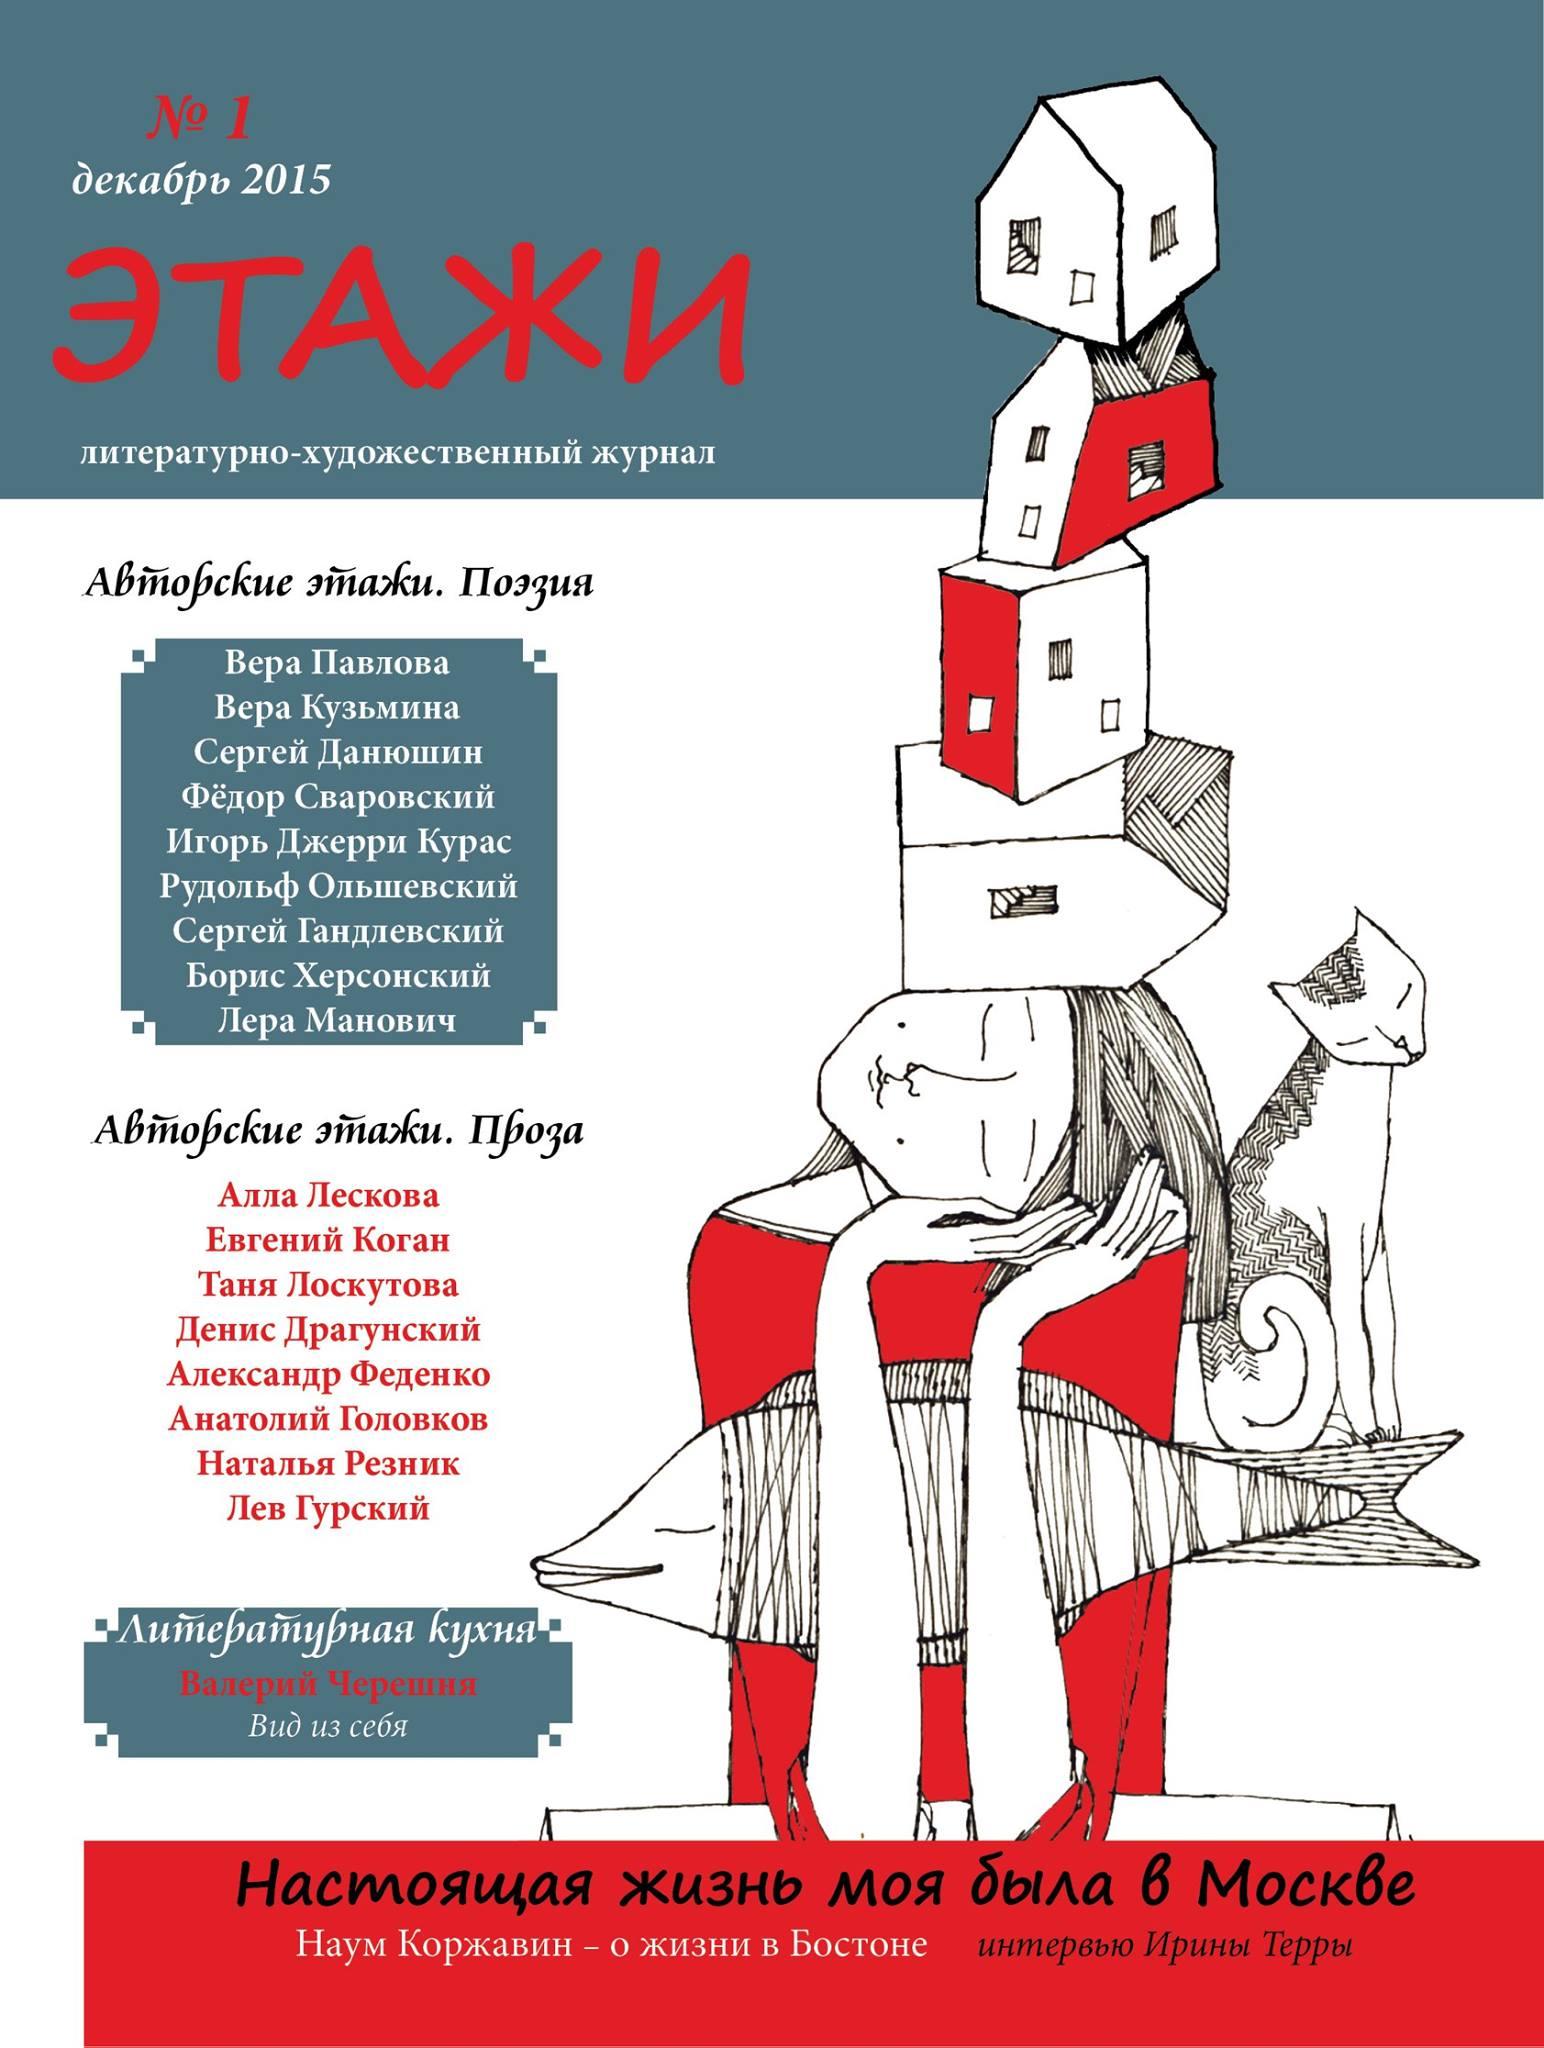 Обложка первого номера журнала Этажи, декабрь 2015